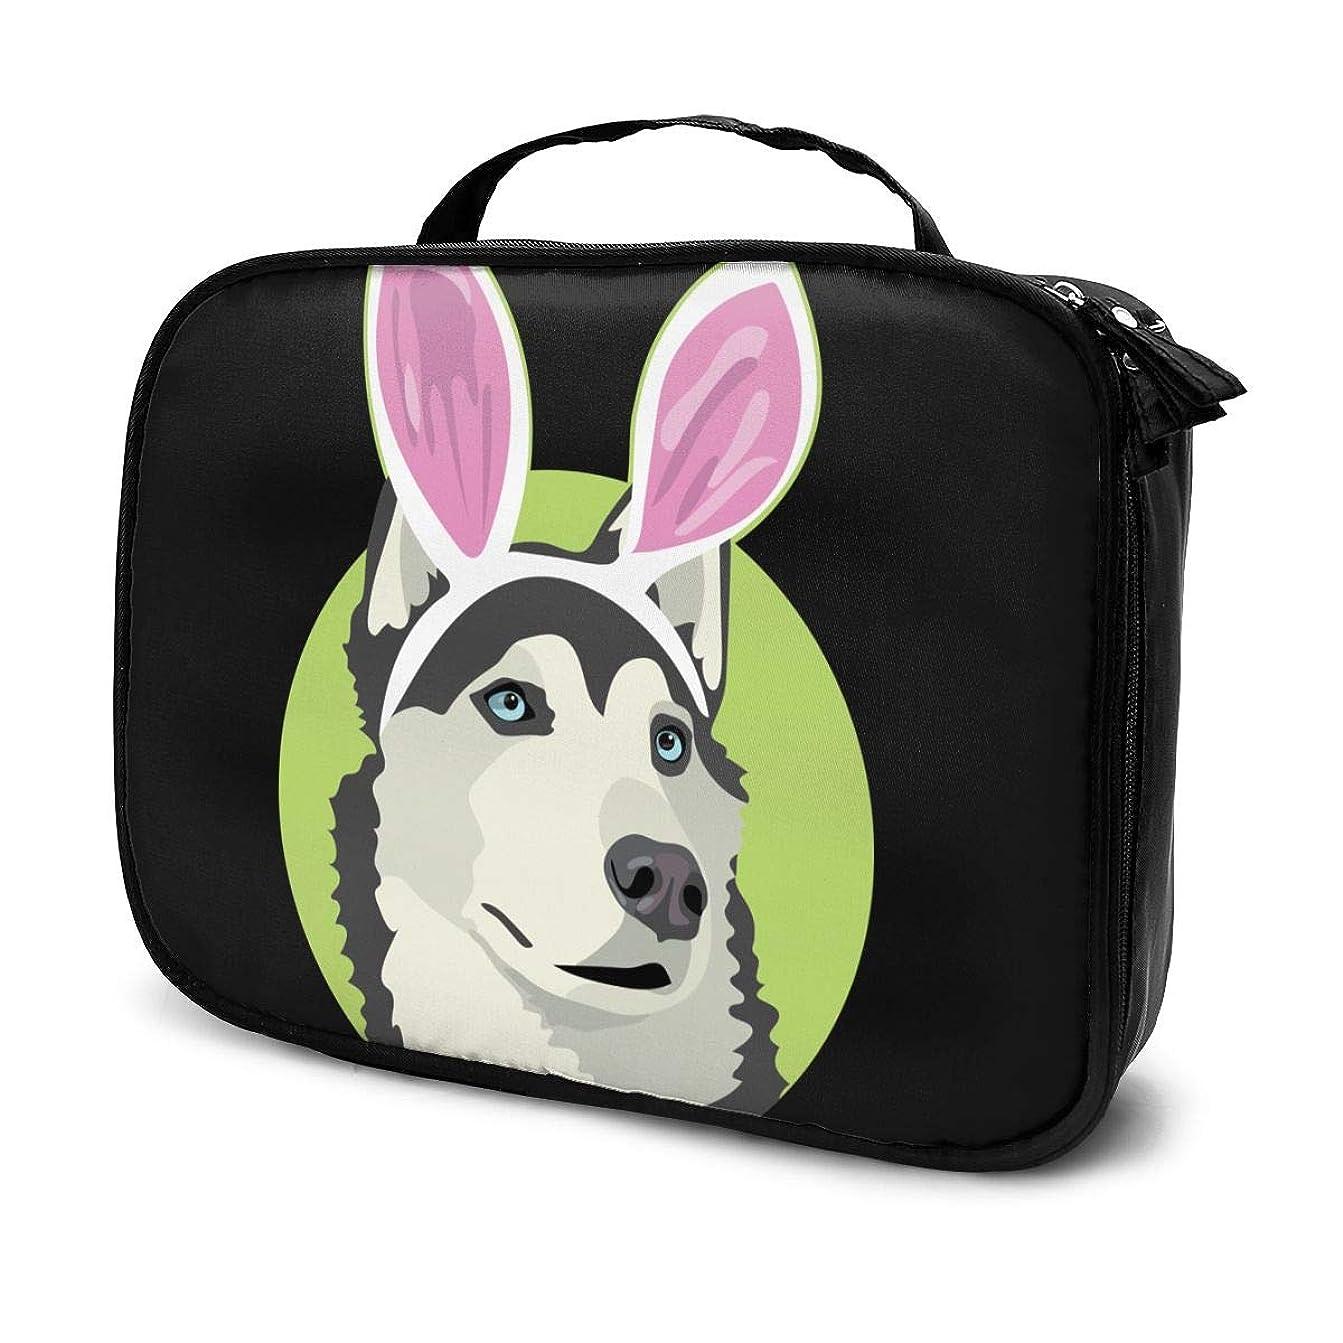 技術者ヶ月目印象的化粧品収納バッグ イースター犬 収納ポーチ 収納袋 化粧ポーチ 旅行の収納 粧品袋 ウォッシュバッグ 多機能 旅行用品 おしゃれな 男女兼用